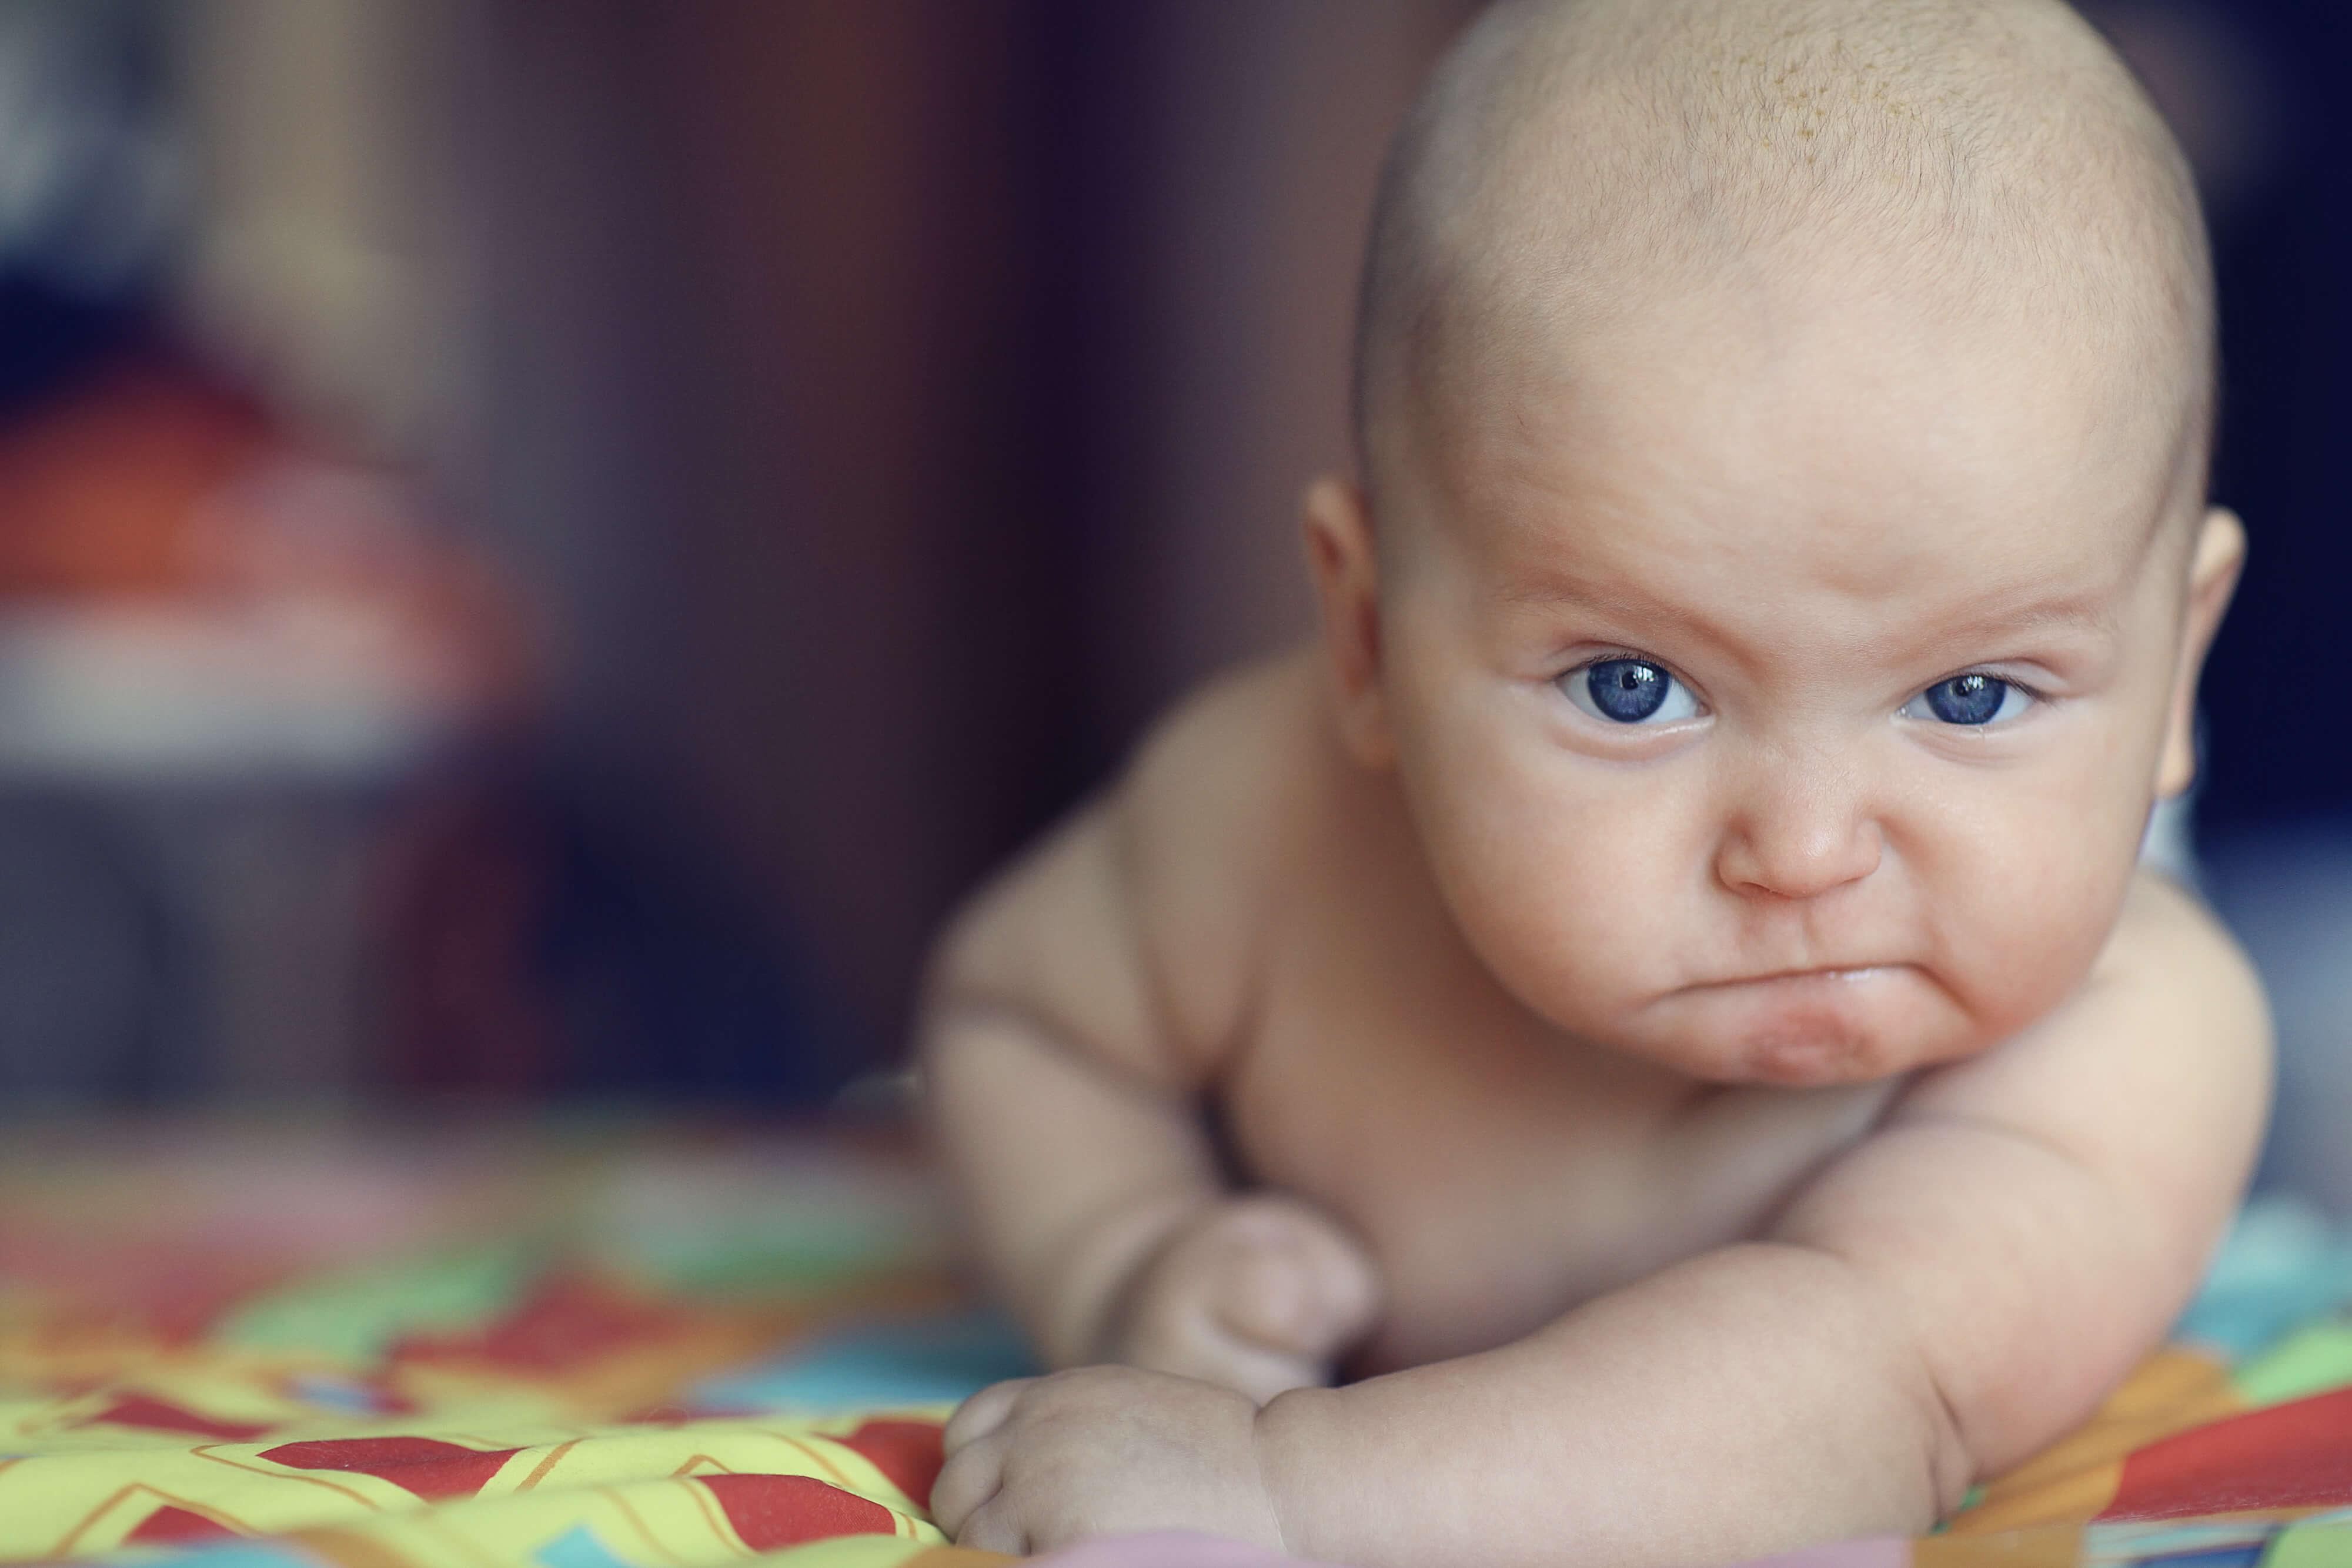 רכישת שפה אצל תינוקות